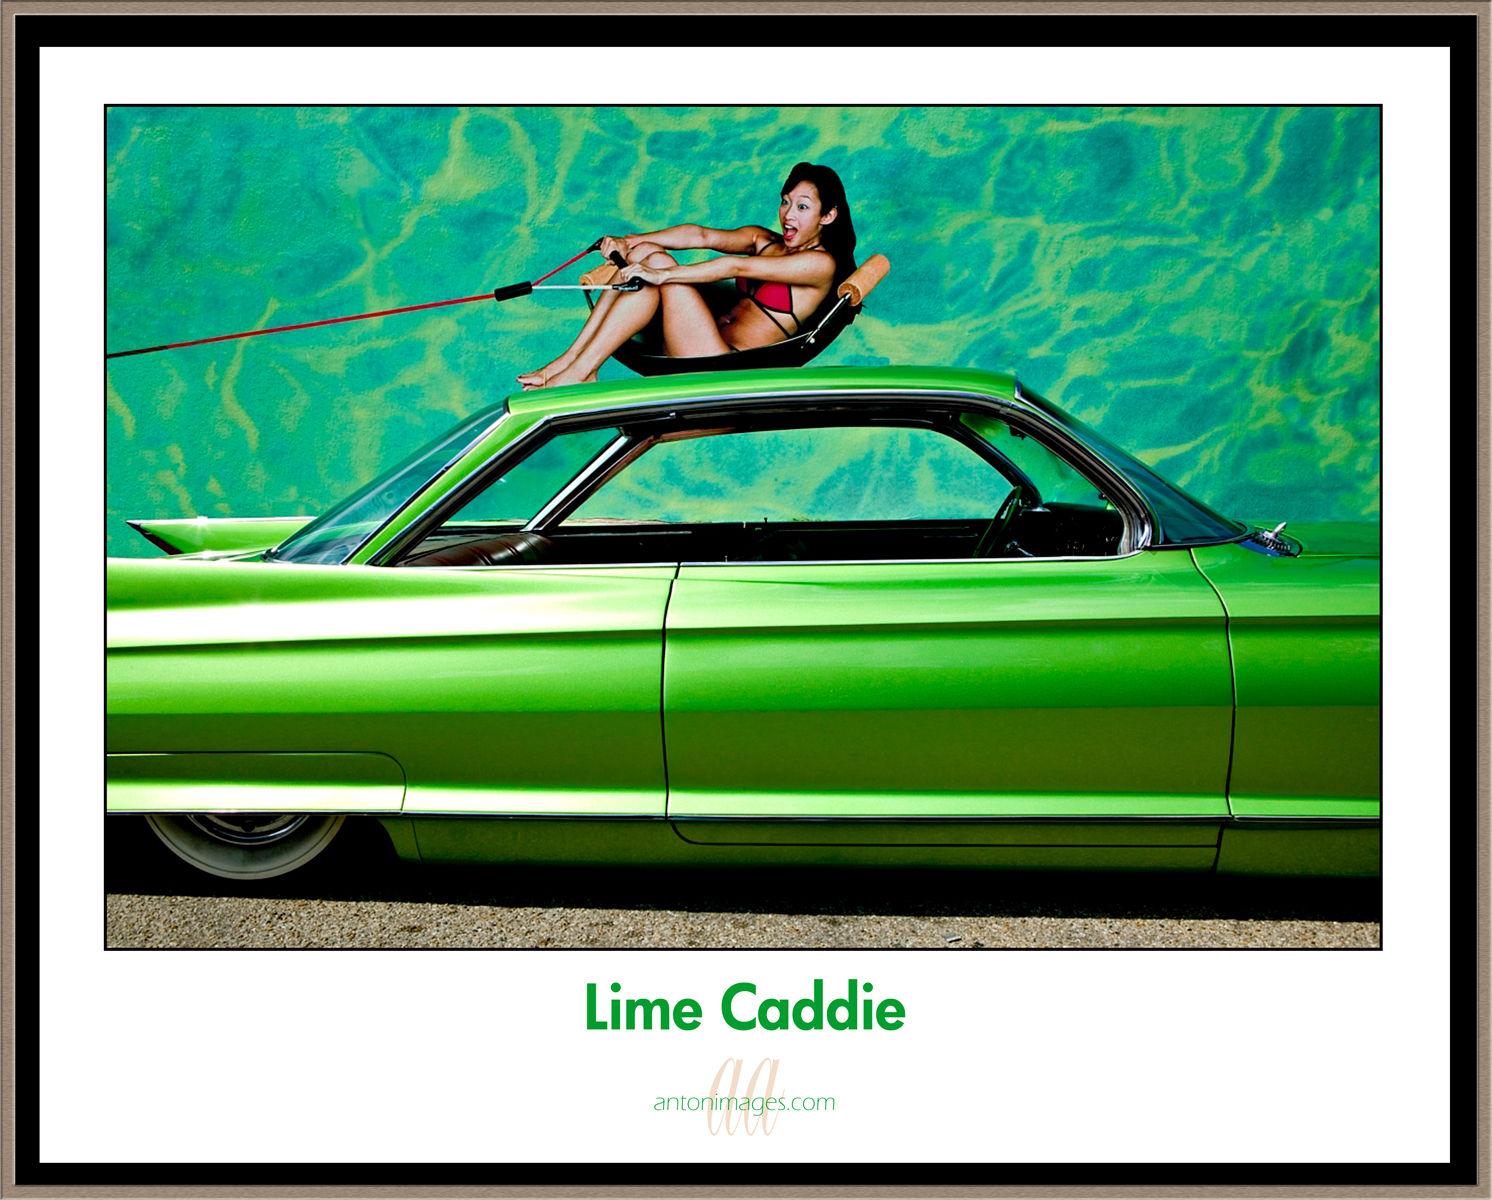 1lime_caddie_.jpg